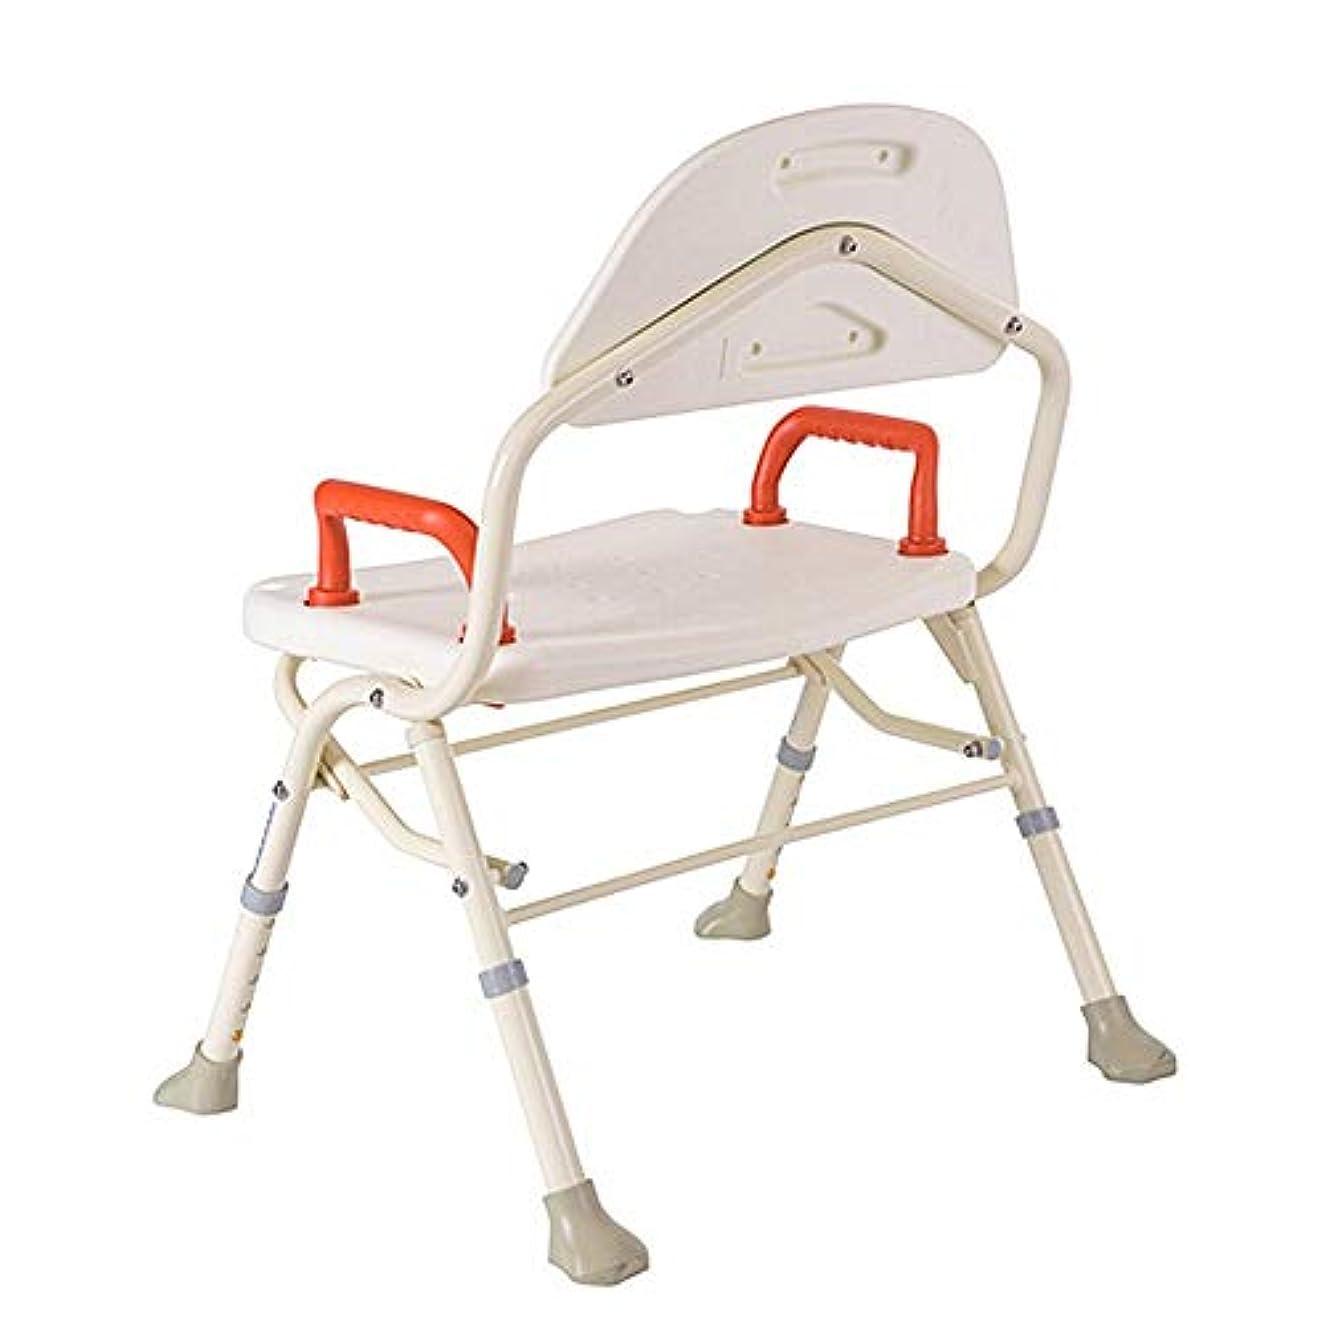 柔らかさ投資する同一の背もたれのあるシャワースツール、調節可能なシャワーシート、アーム付きのバスチェア、高齢者用のパッド入りシート、身体障害者の安定性